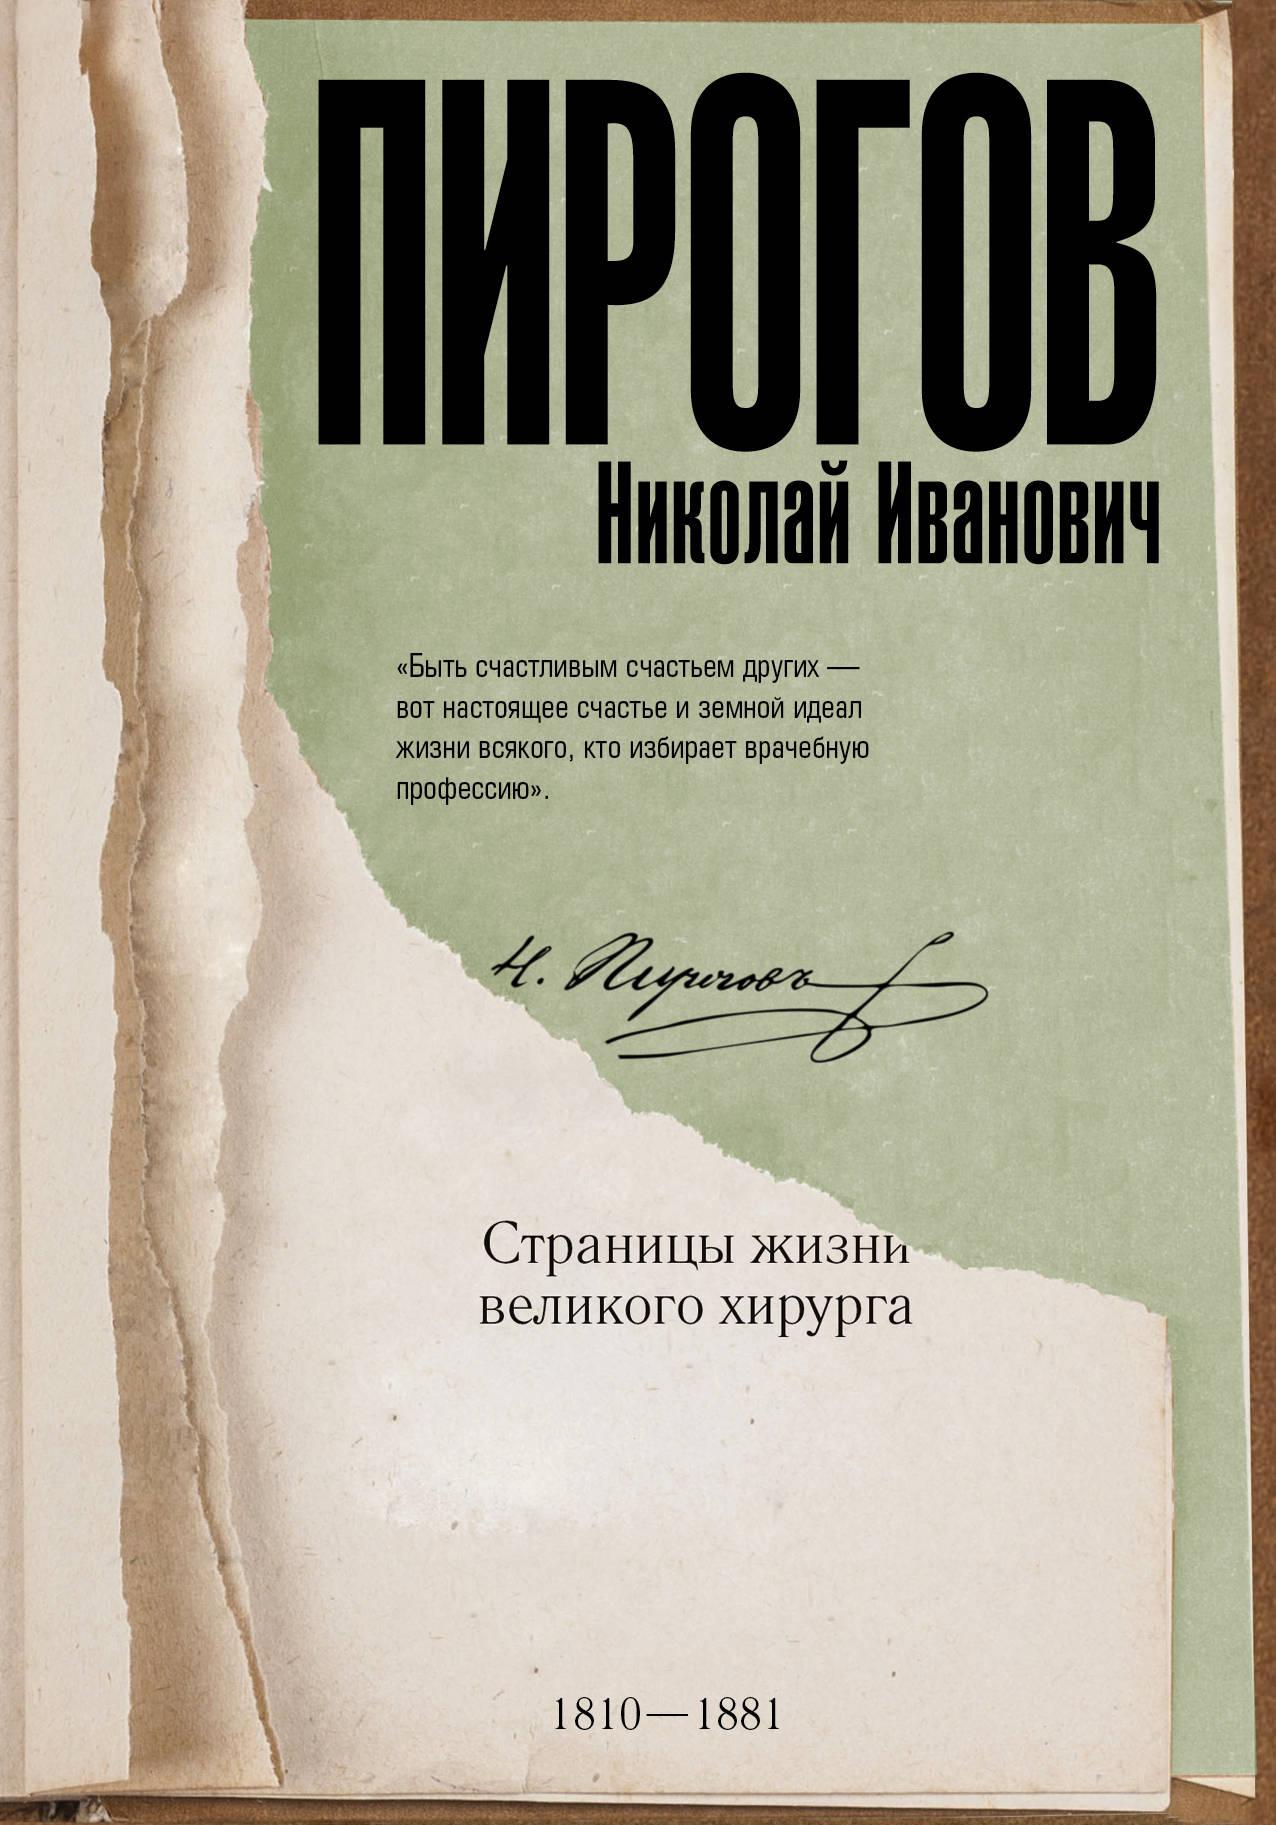 «Биография Николая Пирогова»